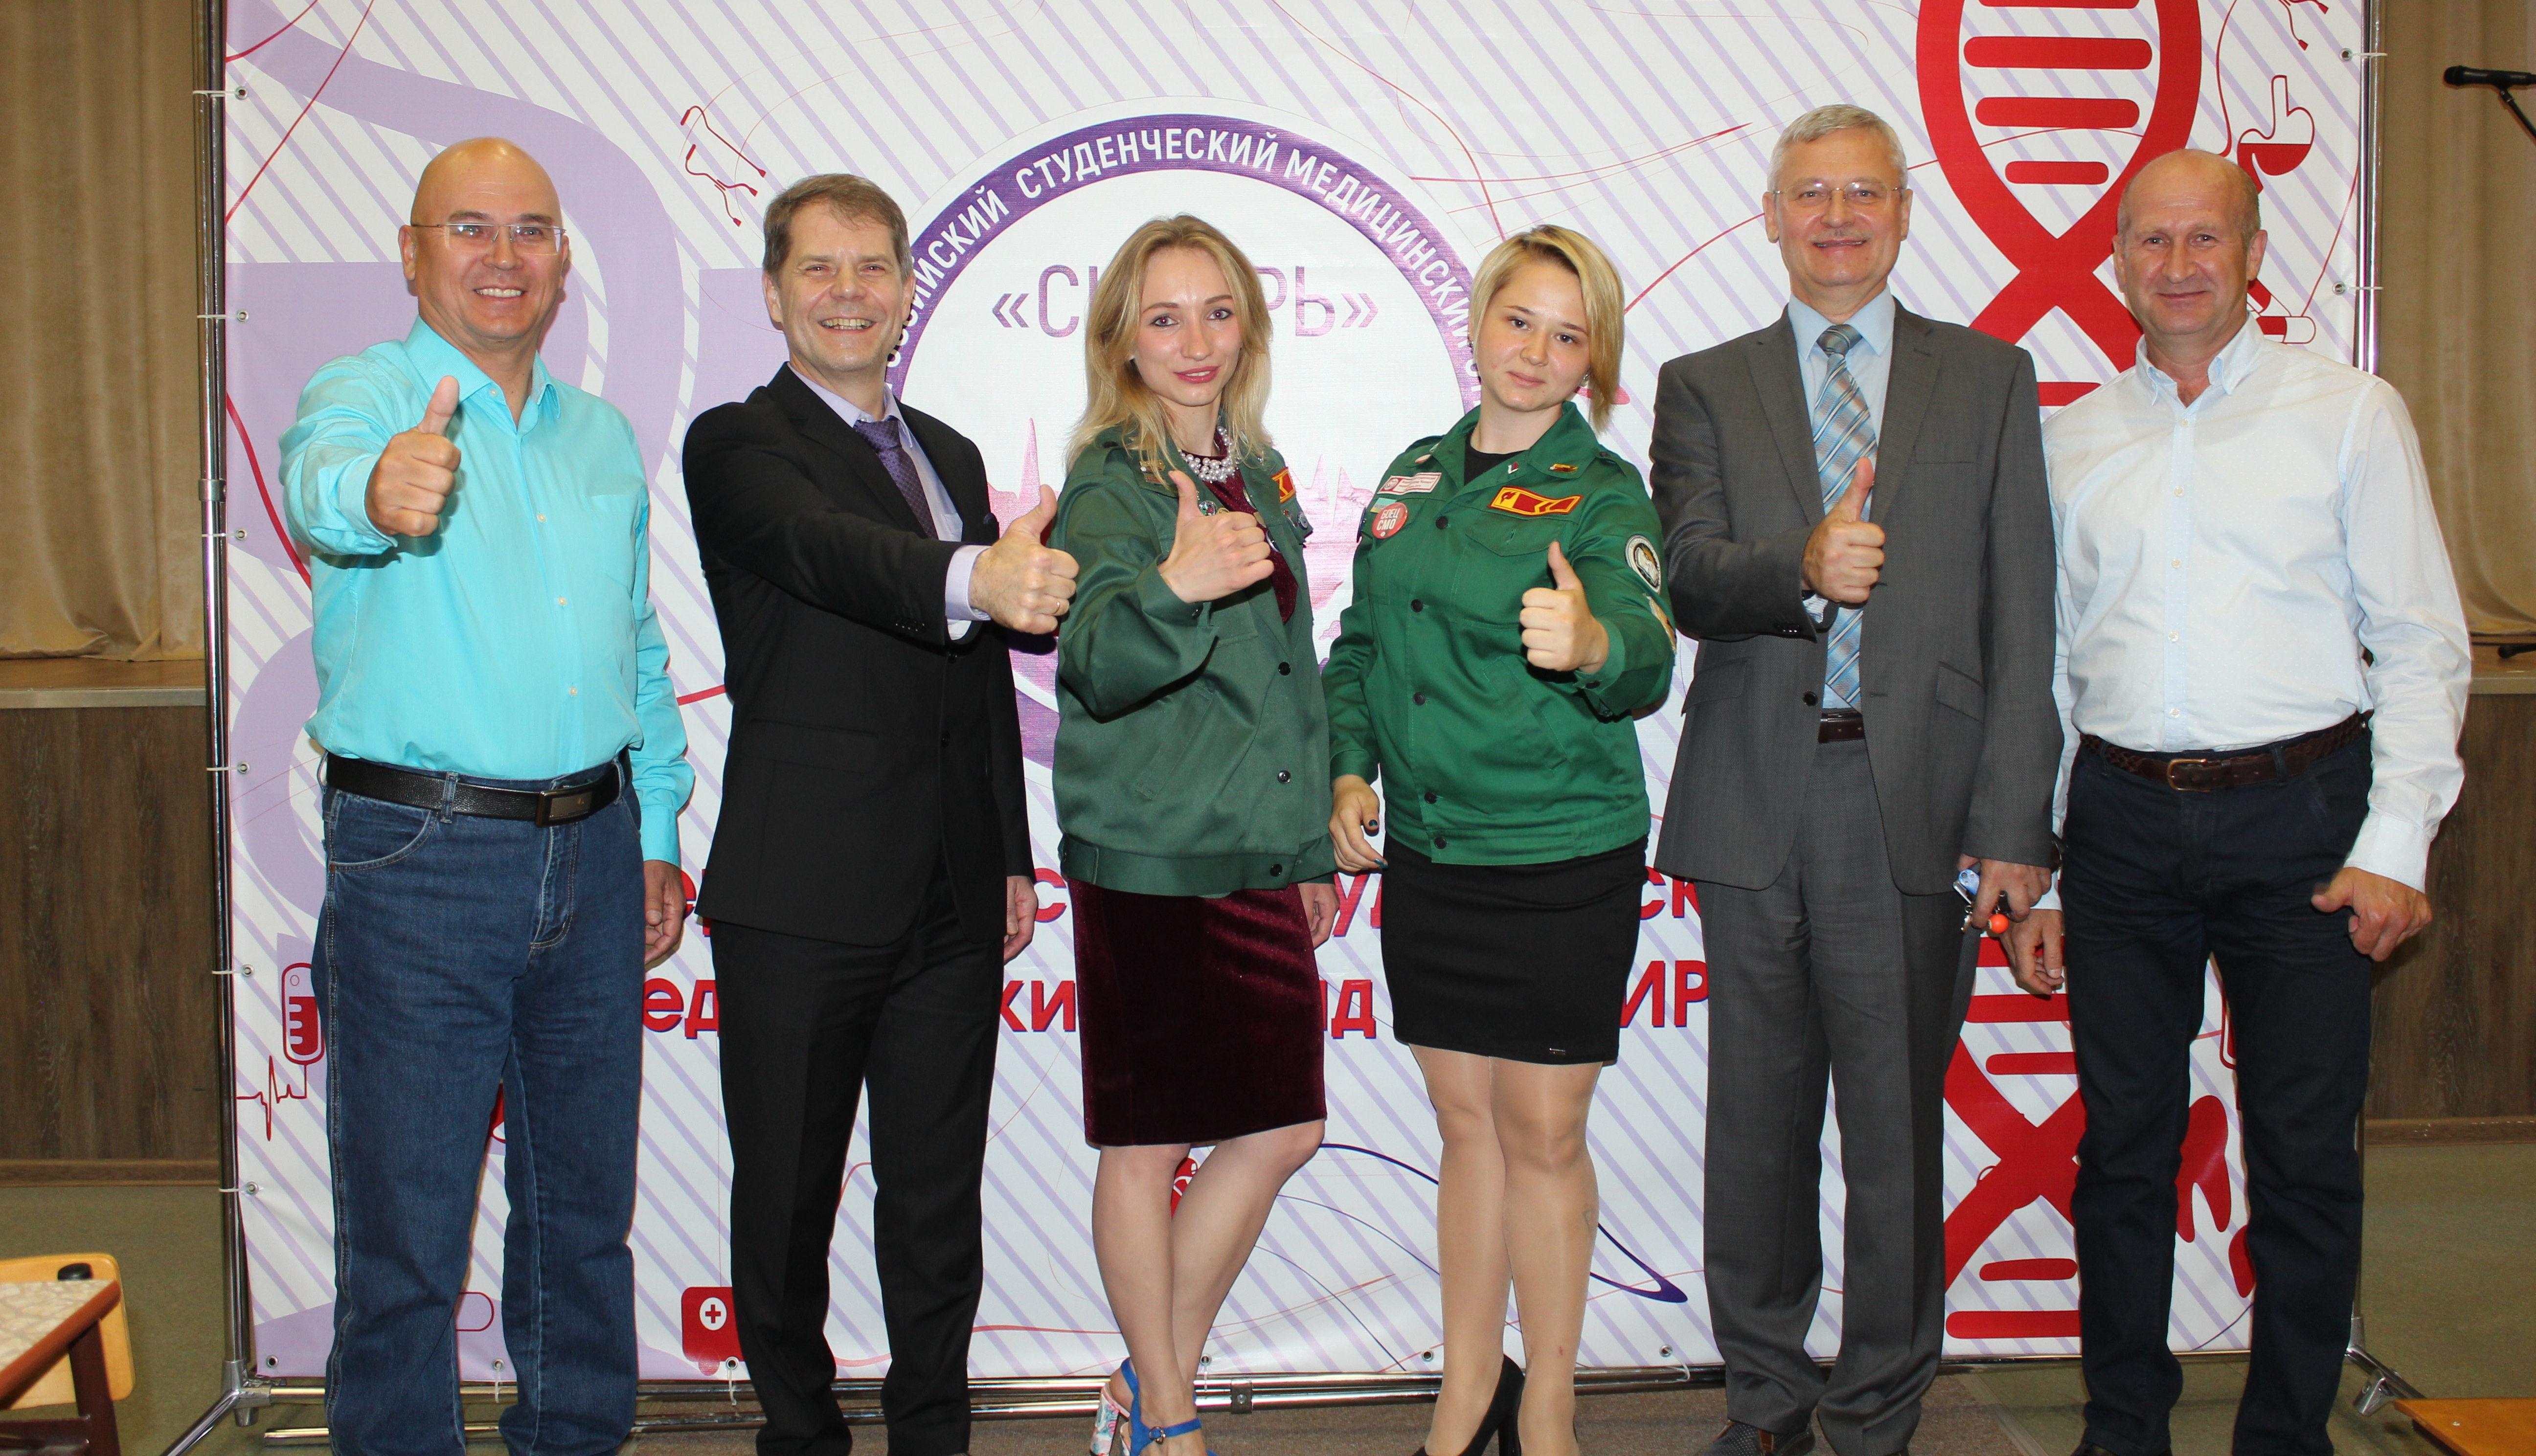 Всероссийский студенческий медицинский отряд «Сибирь»